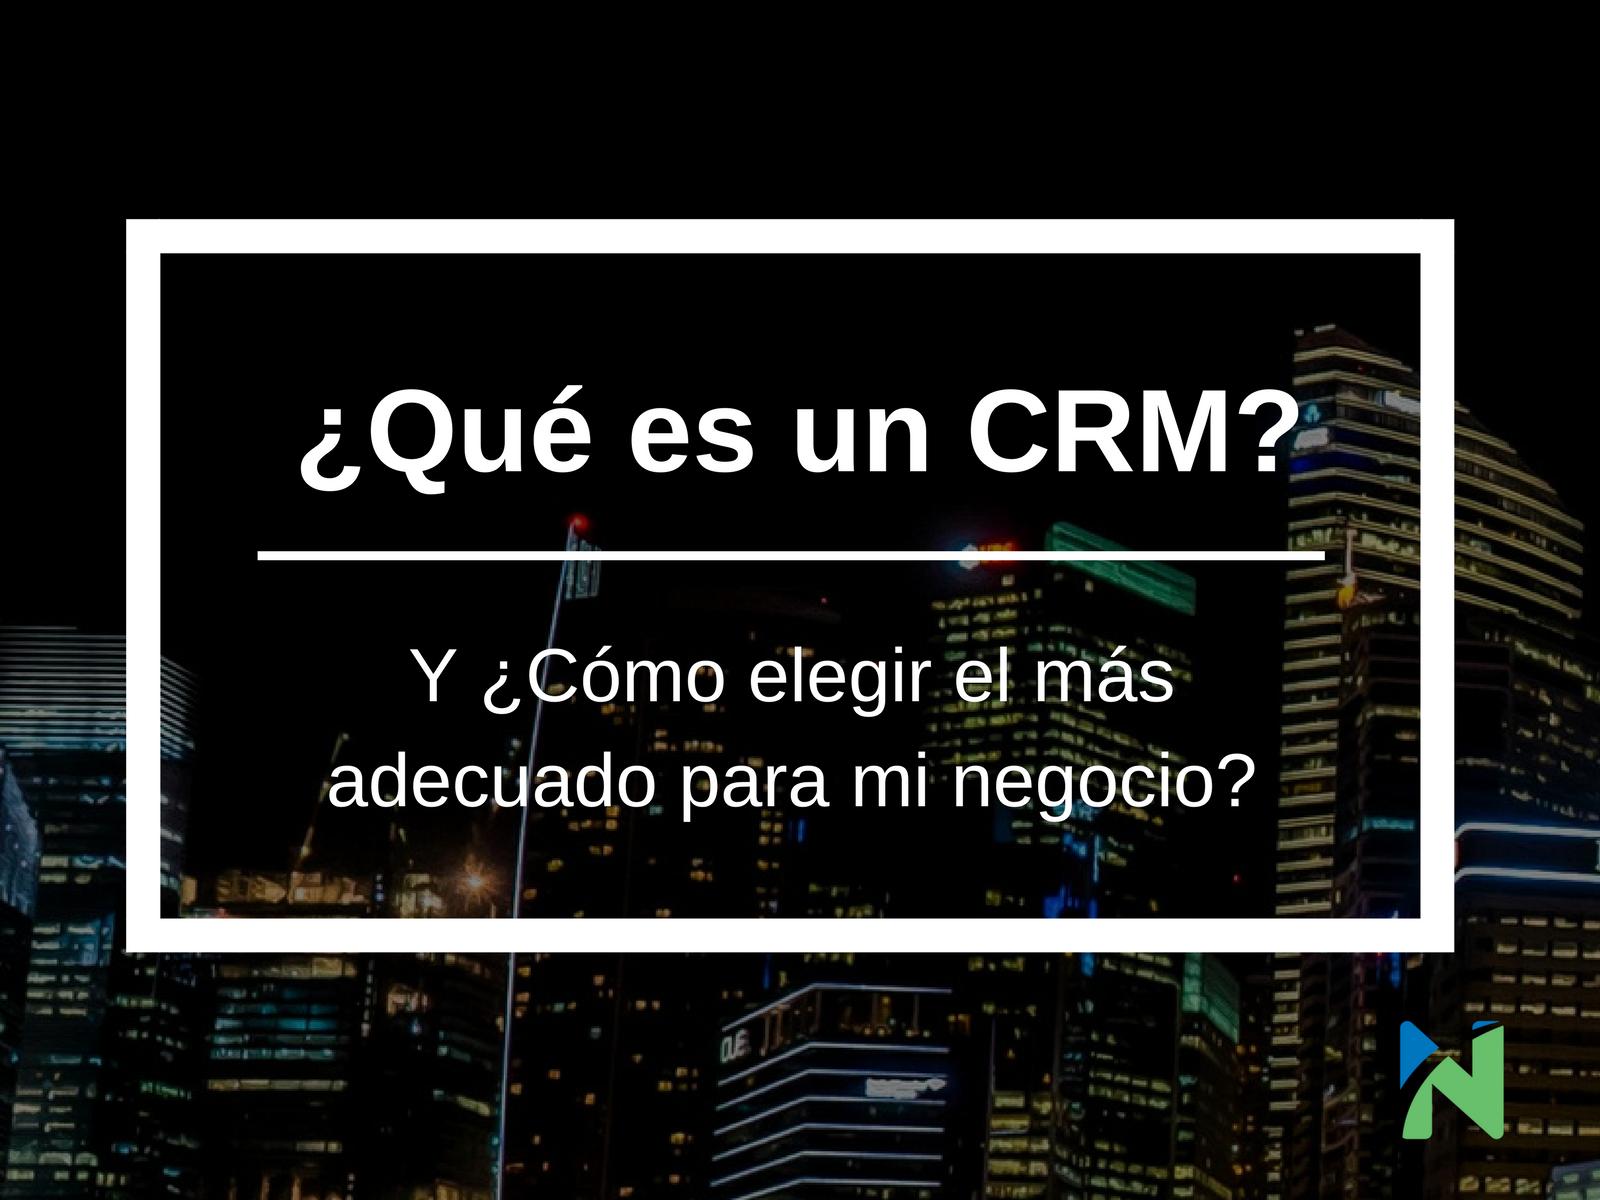 ¿Qué es un CRM y cómo elegir el adecuado a mi negocio?